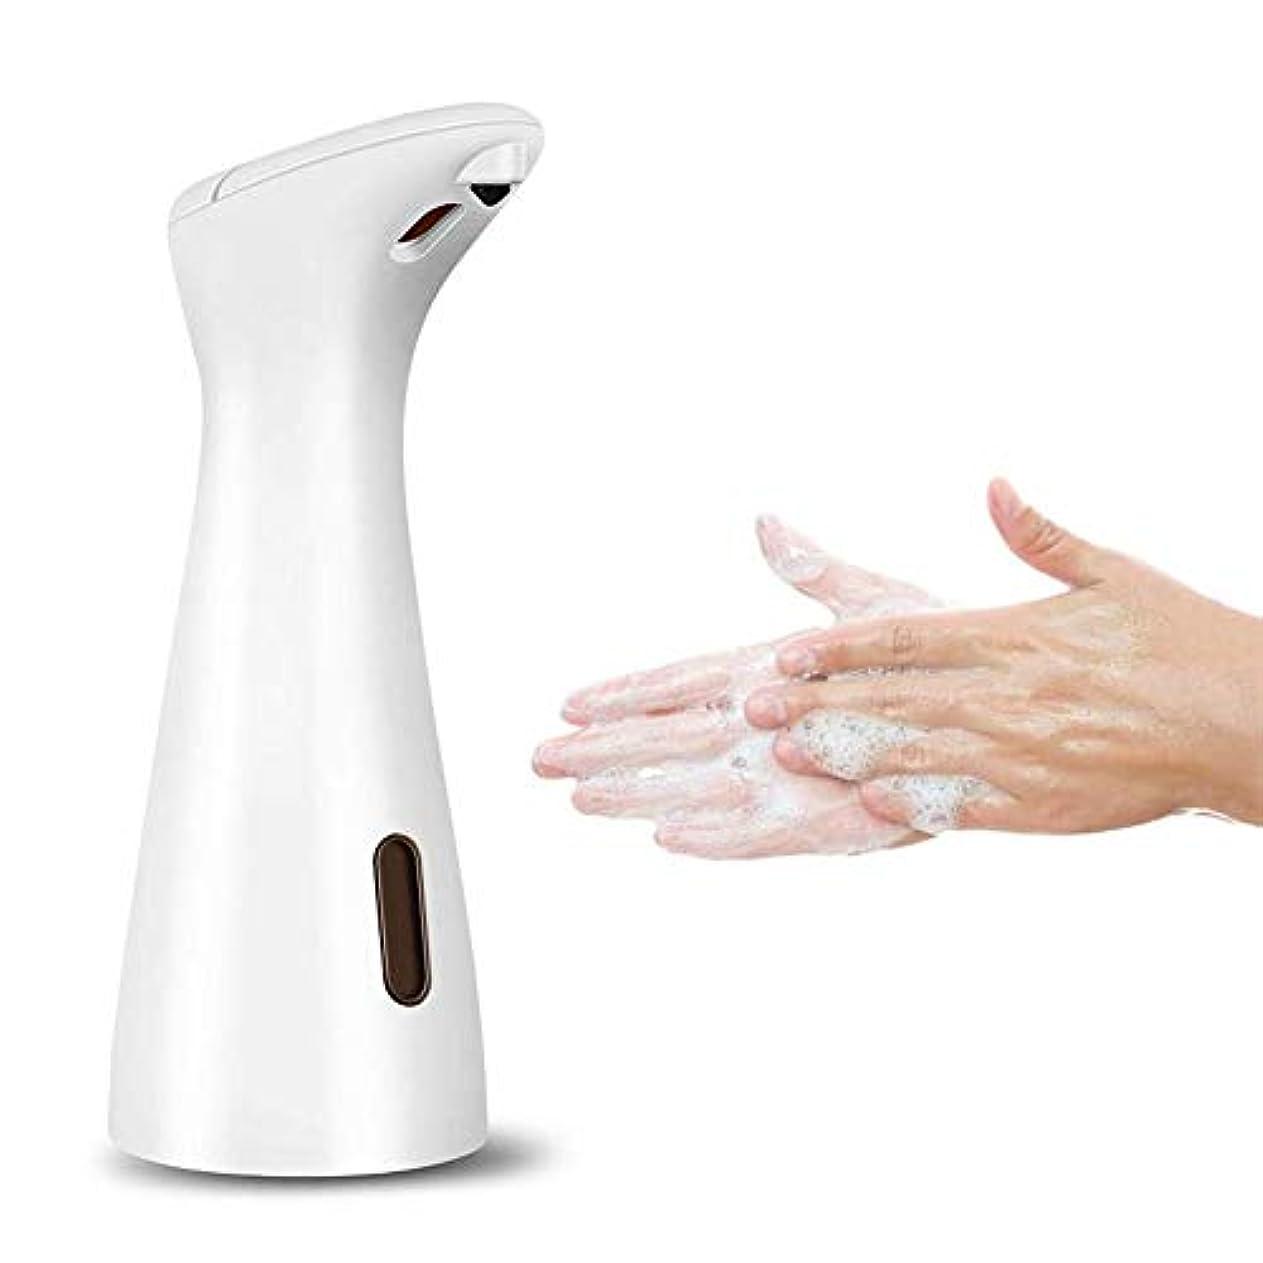 始める国歌算術200ミリリットルスマート自動泡ソープディスペンサー誘導発泡手洗い機ポータブル液体ソープディスペンサー浴室キッチンツール